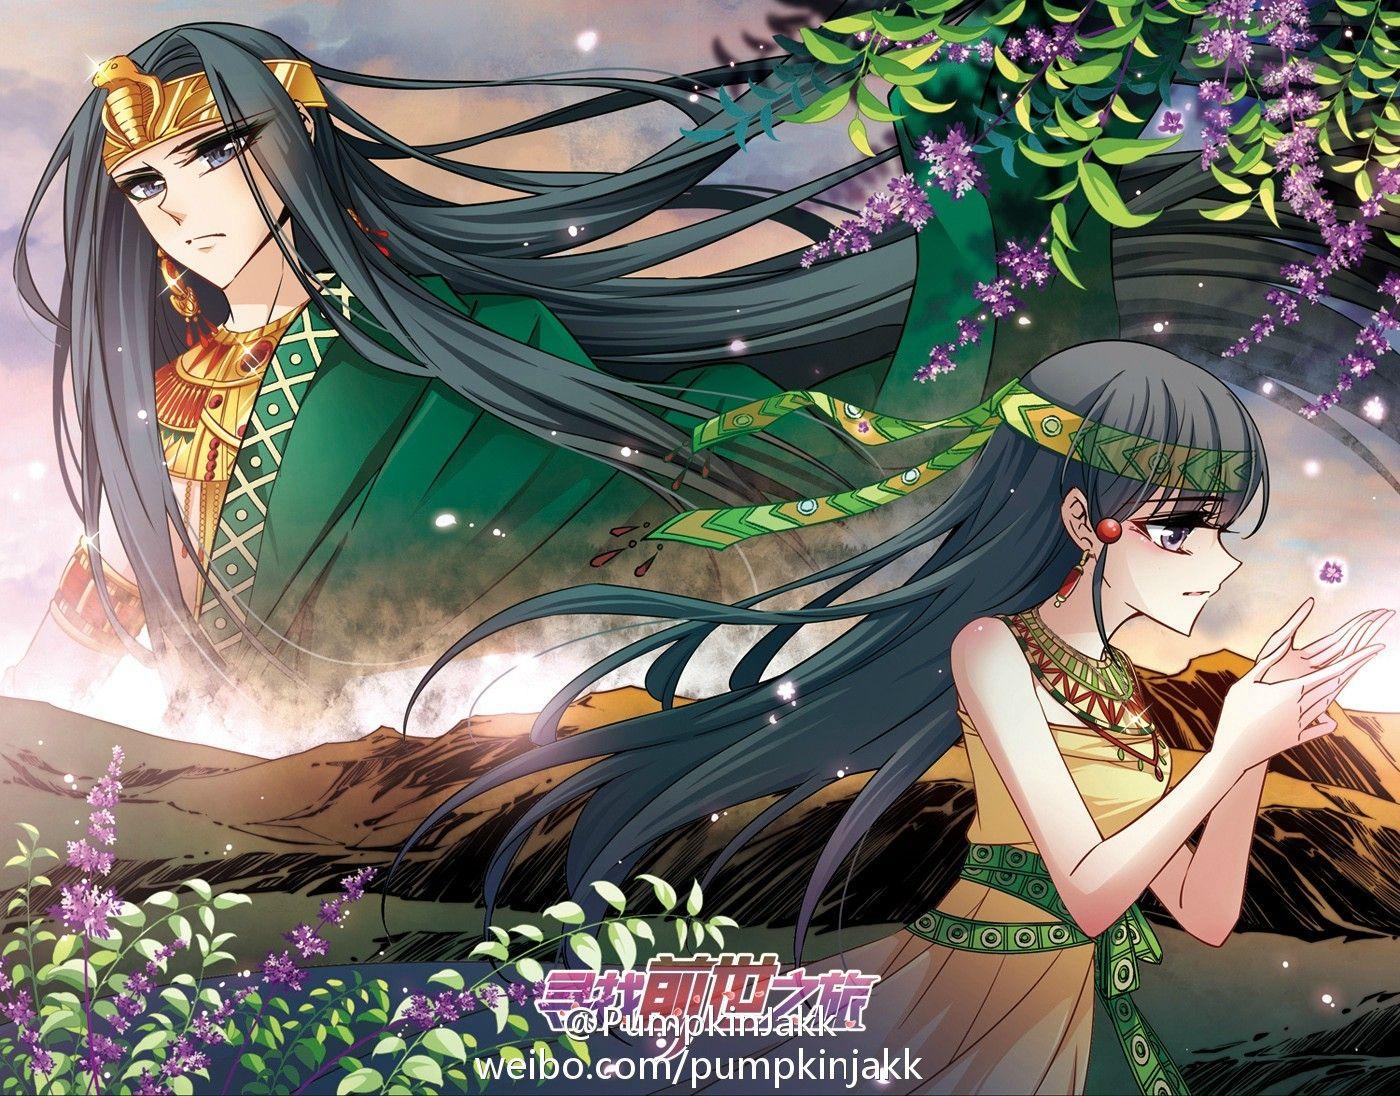 6759350bgw1f04pvvb1yej212w0ug16b.jpg (1400×1096) Anime